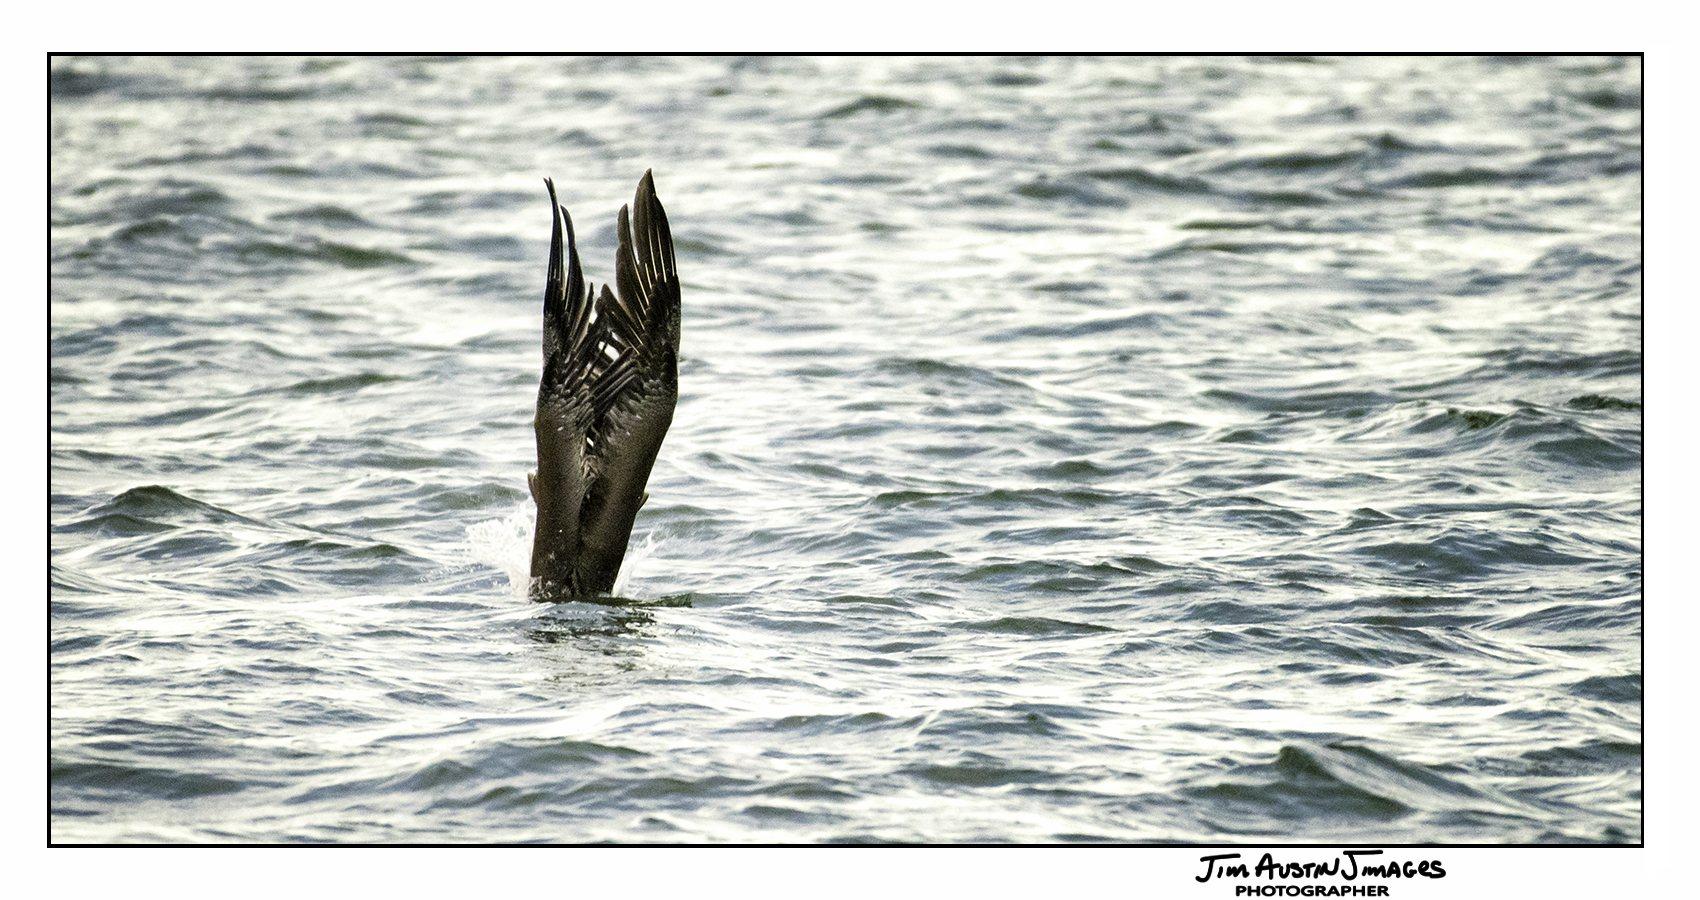 Fishing Pelican Jim Austin Jimages